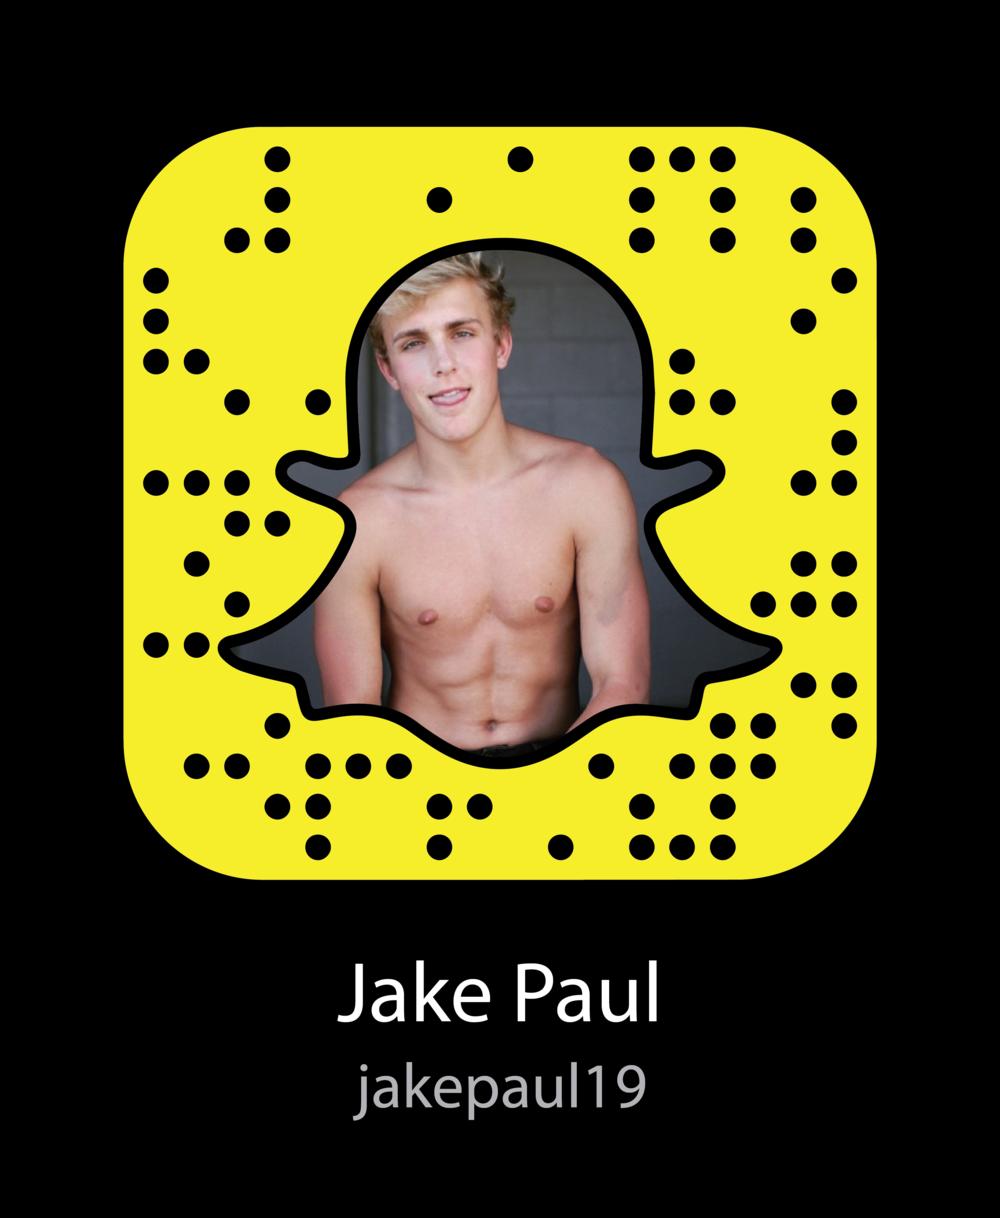 Jake paul coupon code